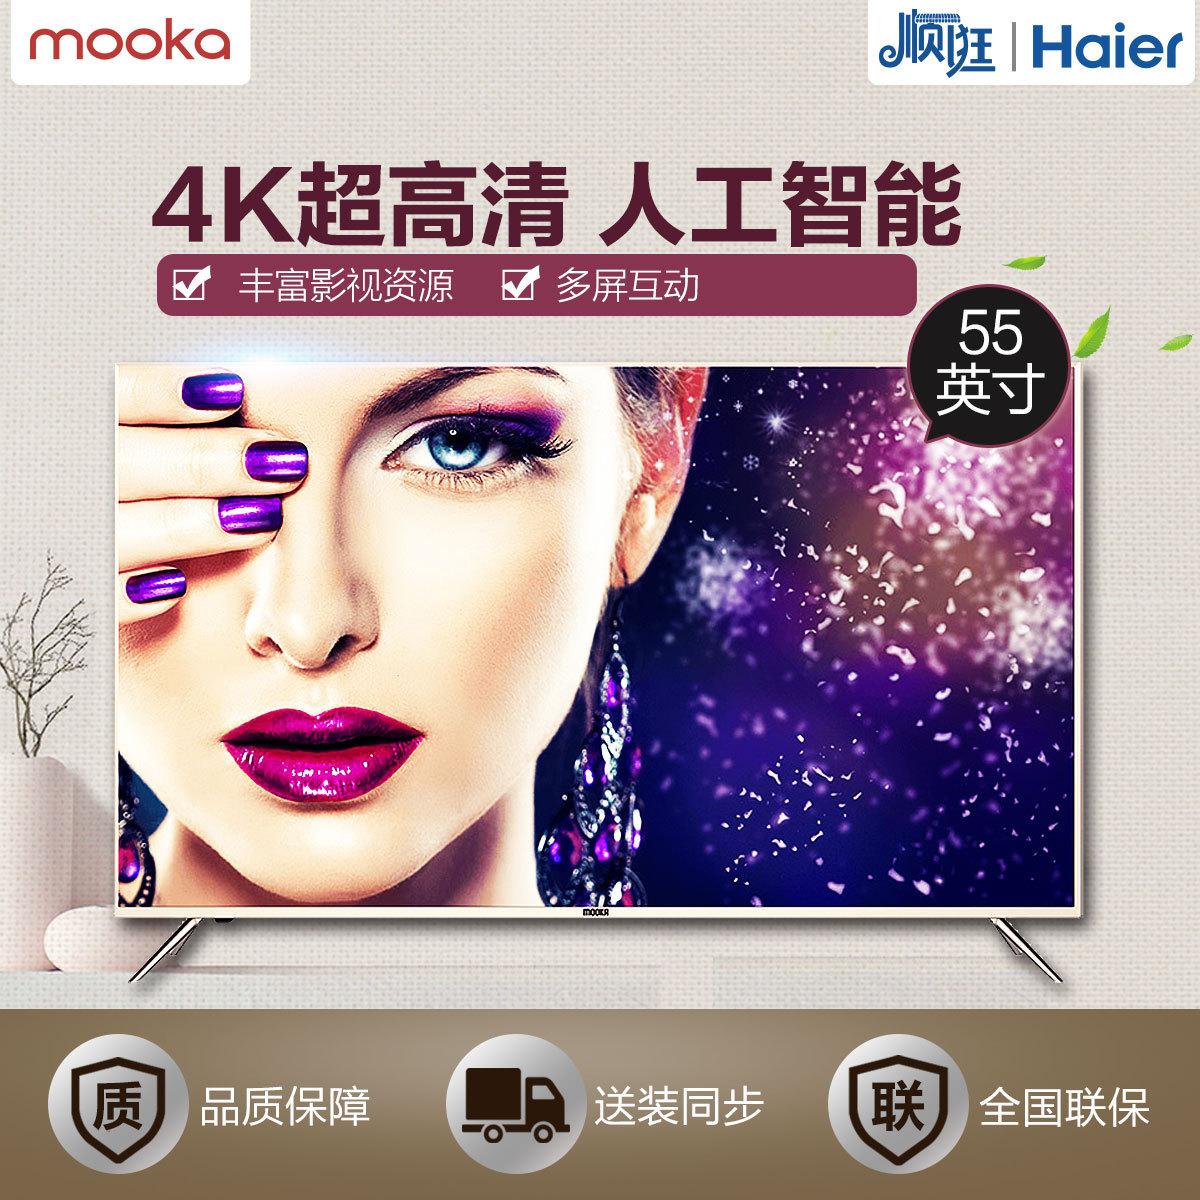 MOOKA/模卡 U55A5M 55吋4K超高清人工智能网络液晶电视 新品